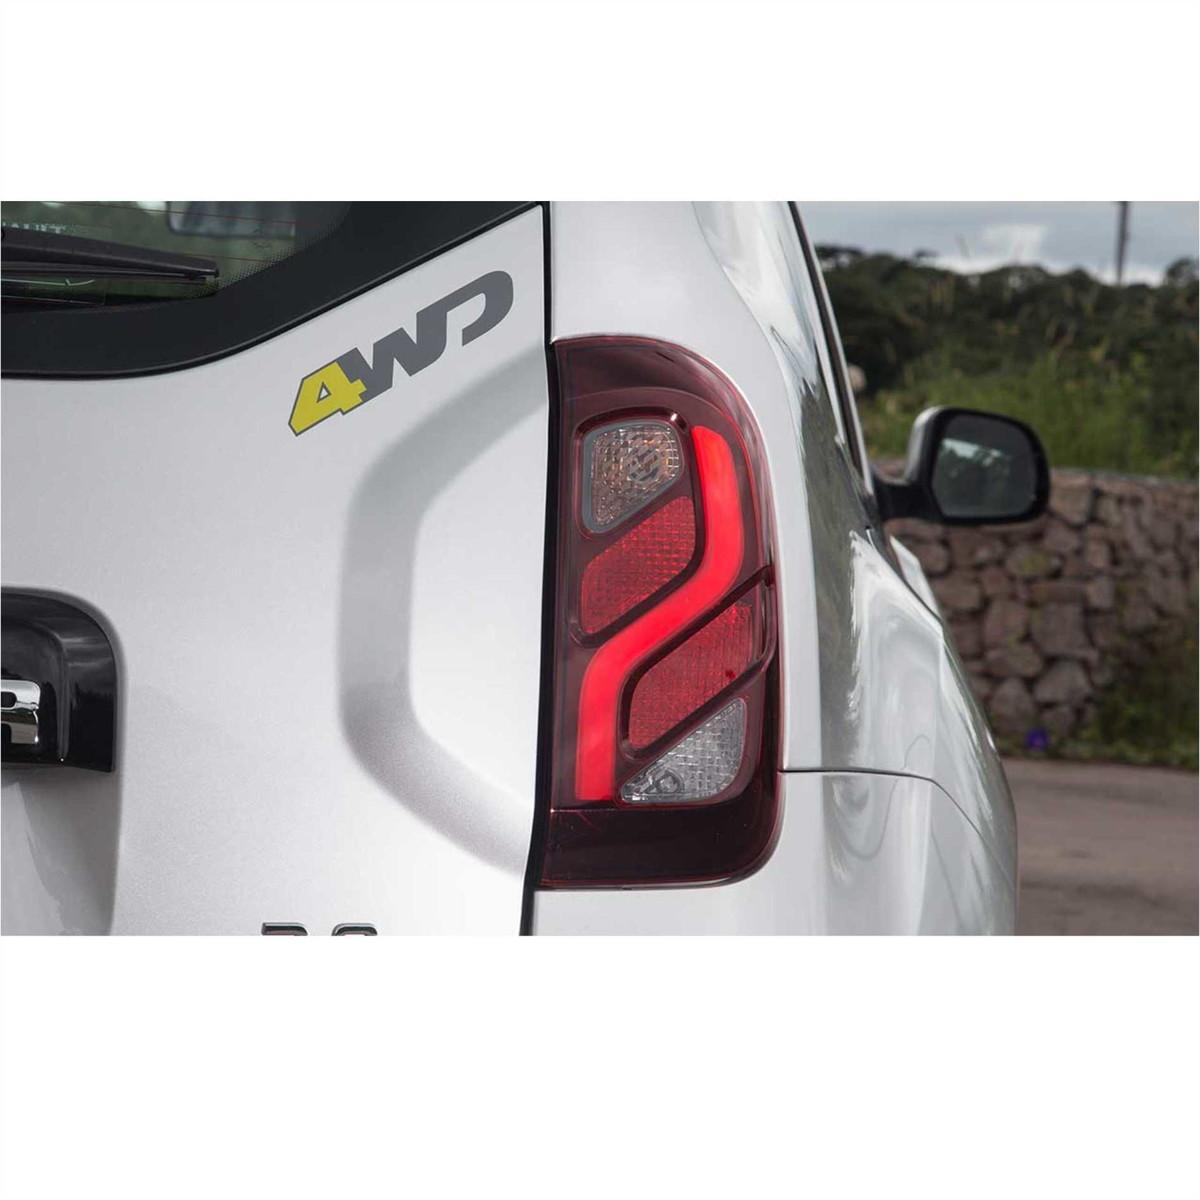 9fbdc6d8df Adesivo 4wd Renault Duster Techroad Ii no Elo7